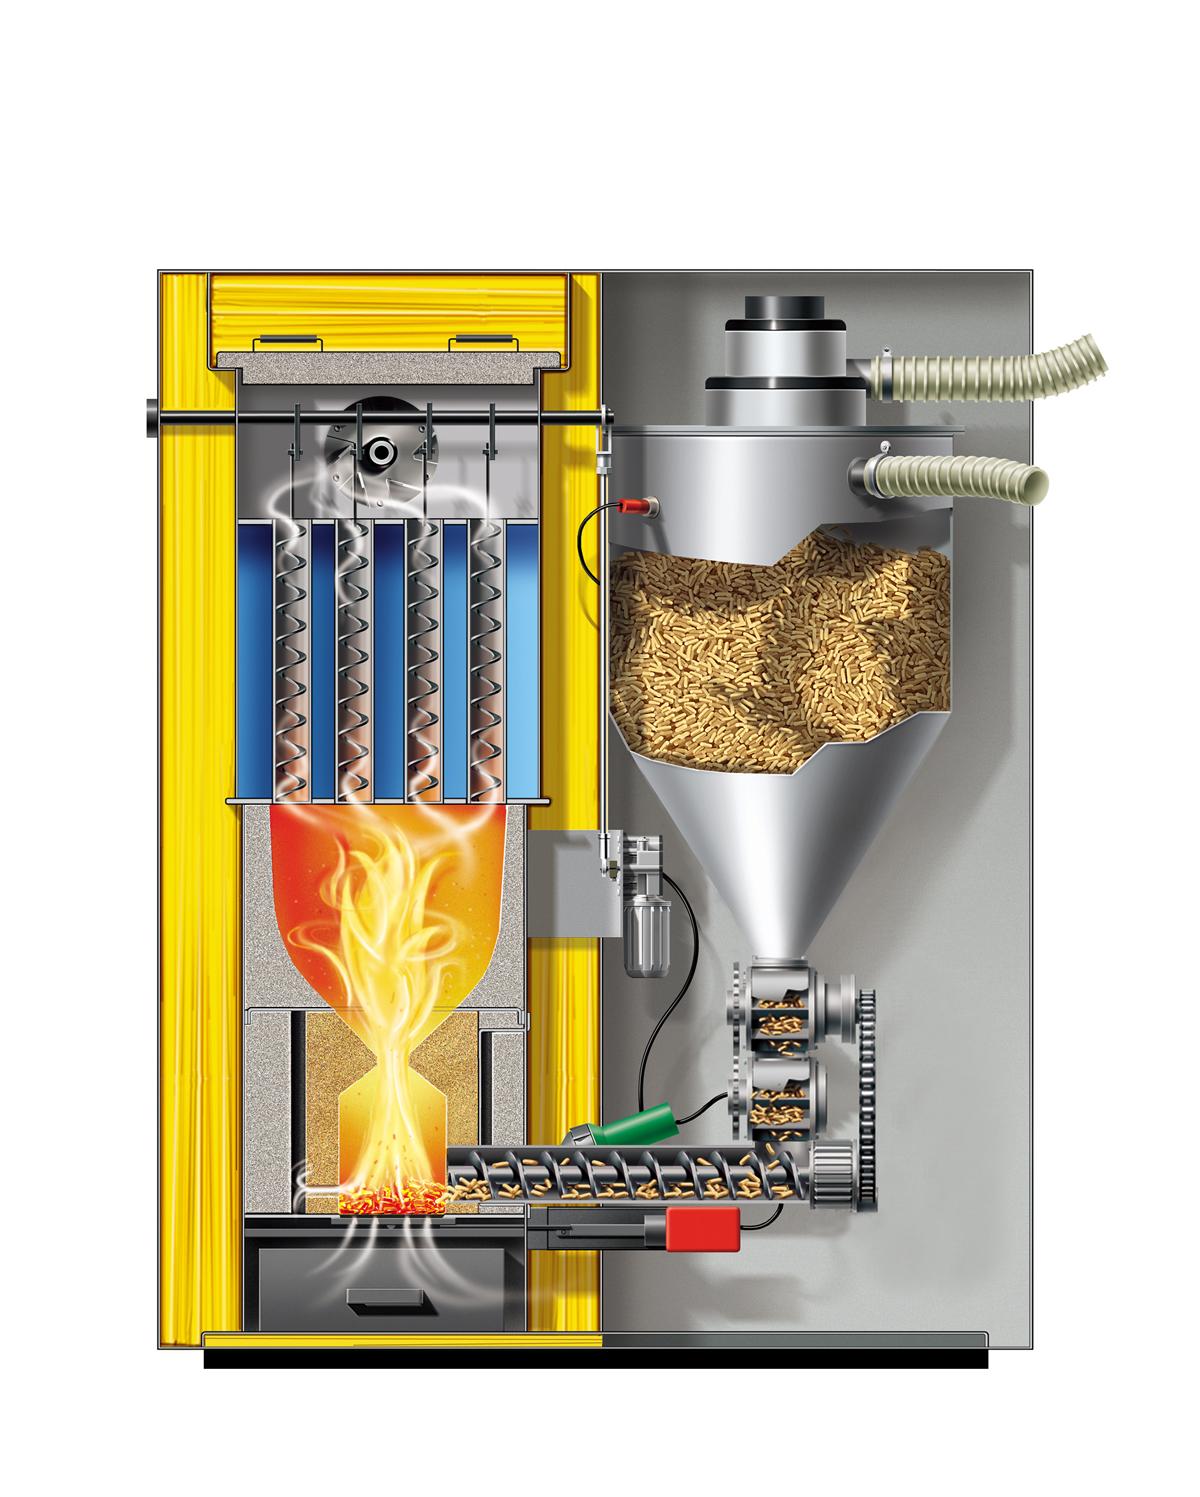 Zielona-energia-pellet